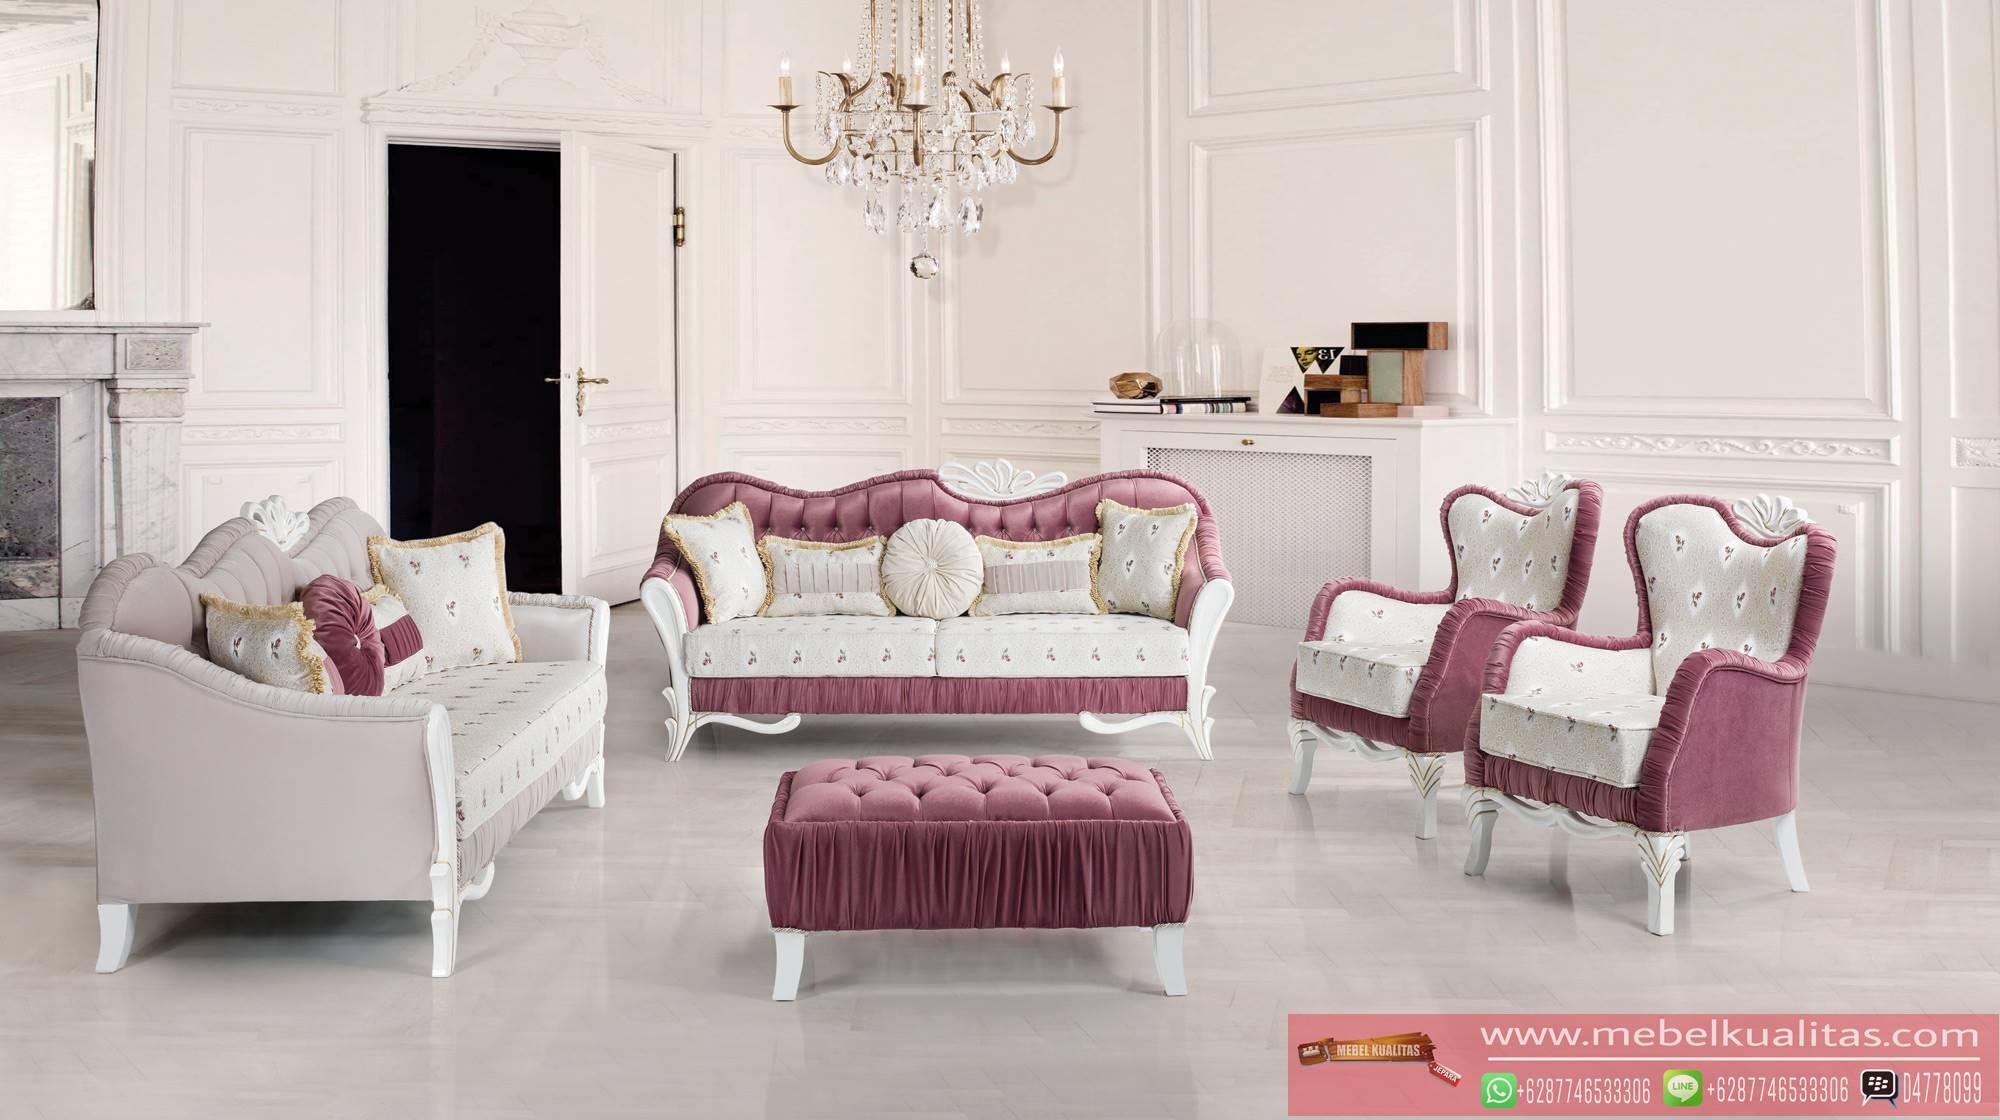 Set Kursi Tamu Sofa Minimalis Mewah Zerafet Avangarde Model Terbaru, set kursi tamu mewah, kursi tamu model terbaru, set sofa tamu mewah, set kursi tamu klasik, kursi tamu kayu jati, kursi tamu jati, kursi tamu minimalis, kursi tamu sofa, jual kursi tamu sofa, katalog kursi tamu sofa, kursi sofa untuk ruang tamu, kursi tamu atau sofa, kursi tamu sofa klasik, set kursi tamu klasik mewah, kursi sofa tamu jati, kursi tamu sofa mewah, set meja kursi tamu, set kursi tamu kayu, set kursi tamu, kursi tamu sofa mewah, kursi tamu sofa elit, kursi tamu sofa ukiran, kursi tamu sofa terbaru, set kursi tamu sofa, set kursi sofa tamu, set kursi ruang tamu, desain kursi tamu sofa, desain kursi tamu, harga kursi tamu sofa, gambar kursi sofa, harga kursi tamu sofa, model kursi tamu kayu, model kursi tamu atau sofa, sofa tamu jati minimalis, sofa mewah, pasar, jepara, sentra, set, sofa, terbaik, ukir, berkualitas, termurah, terbaru, modern, terbaik, terlaris, jual, kualitas, mewah, harga, ekspor, furniture sofa tamu vintage, sofa tamu minimalis, kursi tamu sofa, kursi tamu jati, kursi tamu kayu, set kursi tamu mewah, kursi tamu, sofa mewah, pasar, jepara, sentra, set, sofa, terbaik, ukir, berkualitas, termurah, terbaru, modern, terbaik, terlaris, jual, kualitas, mewah, harga, ekspor, furniture